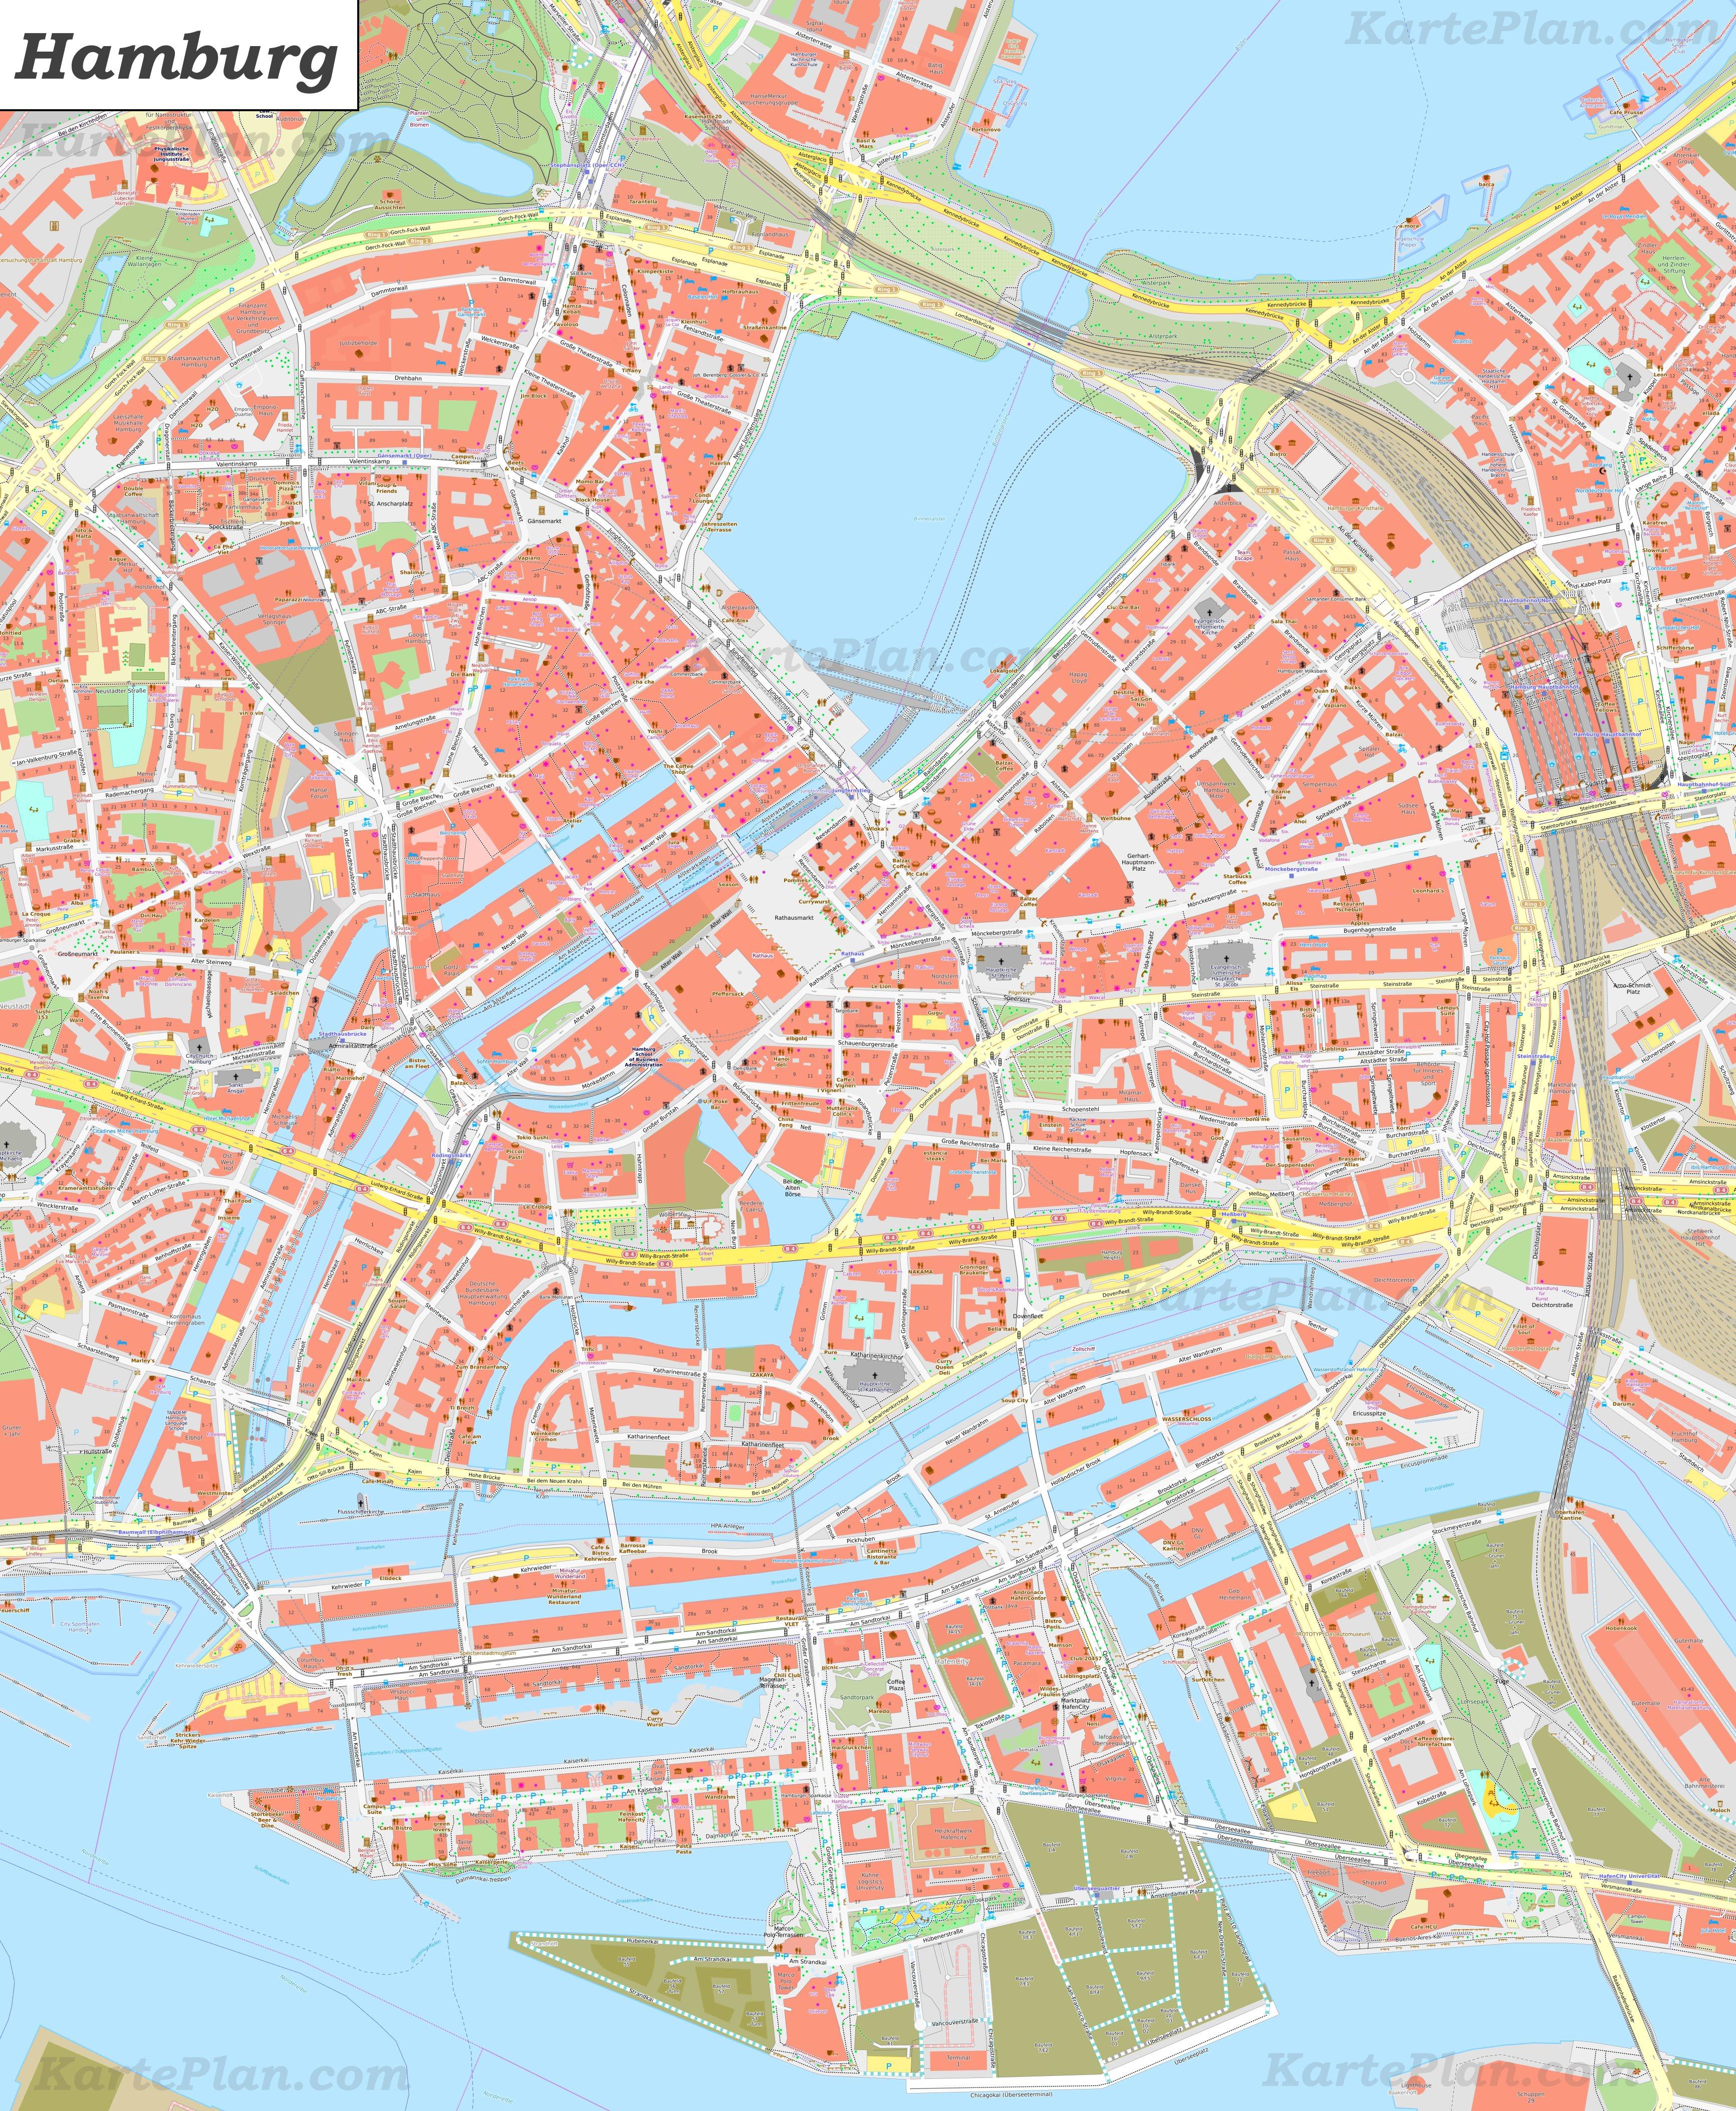 stadtzentrum hamburg karte Karte von Hamburg Zentrum